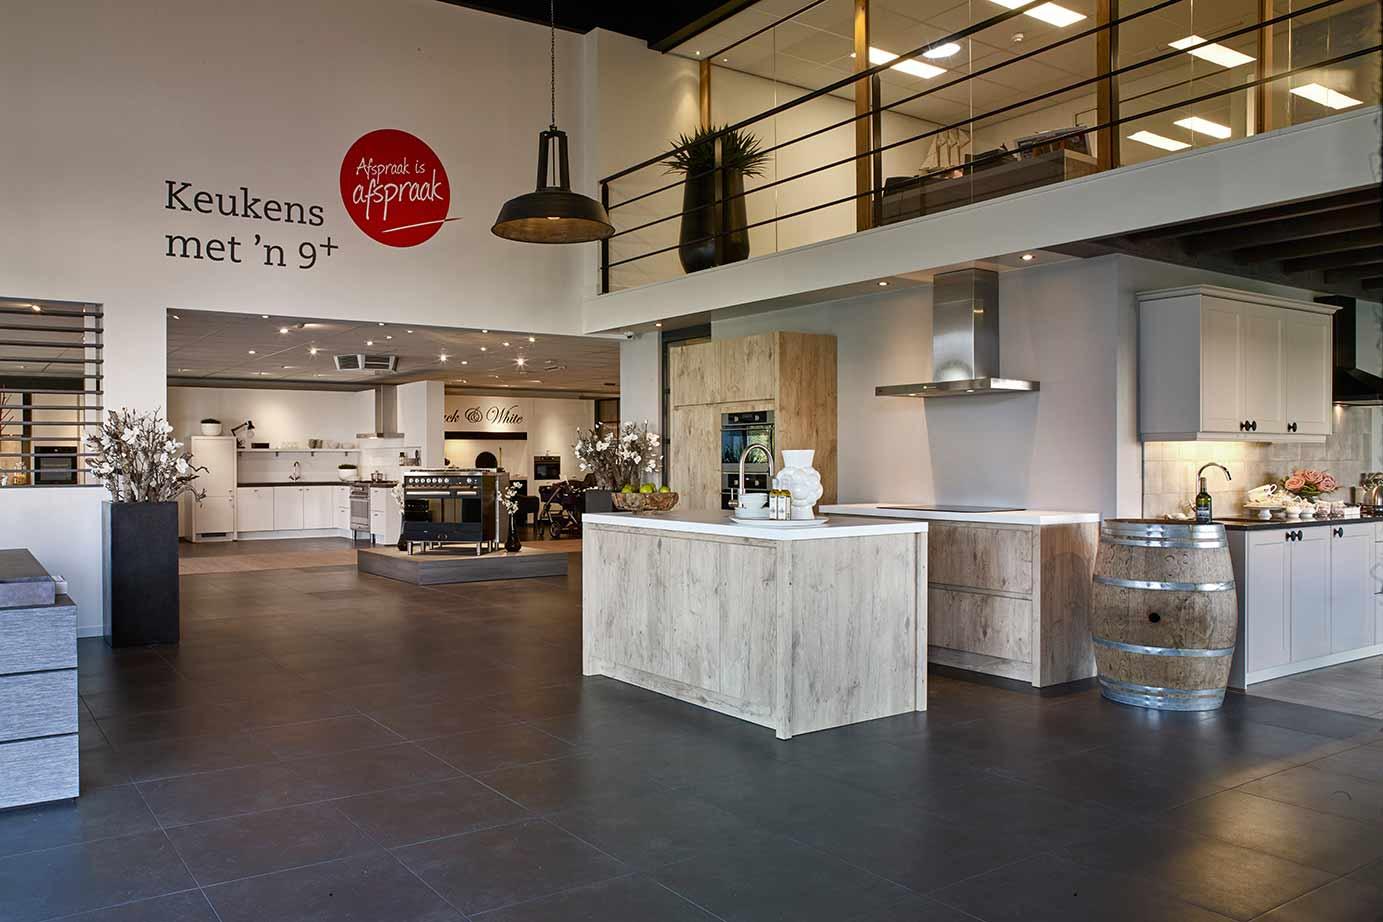 Design Keuken Showroom : Kleine keuken laat je inspireren door voorbeelden db keukens